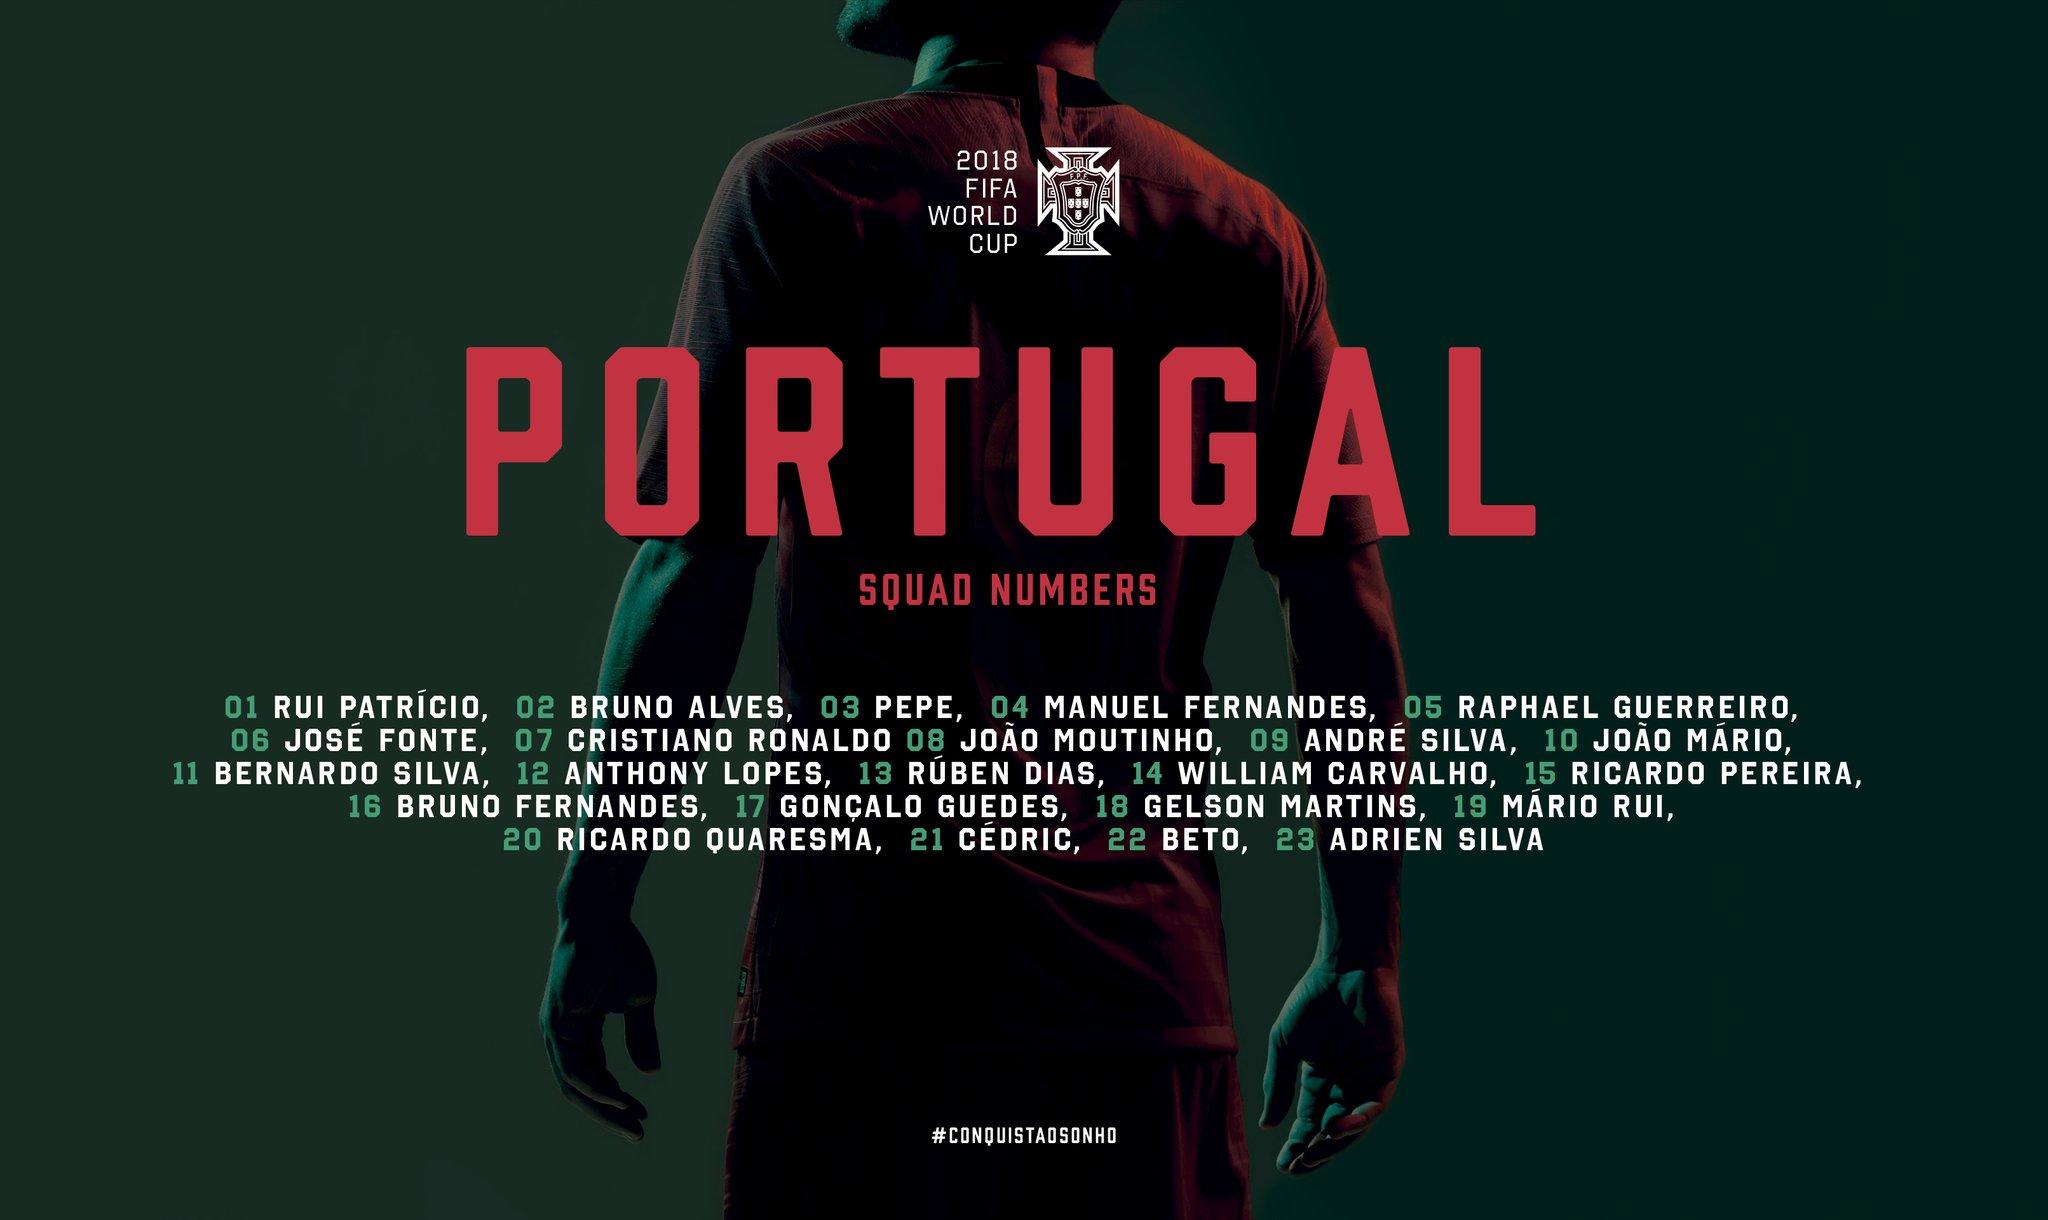 A larga maioria dos números mantêm-se inalterada em relação à numeração  usada no Euro 16. José Fonte passará a vestir a camisola número 6 4c7716876cebe